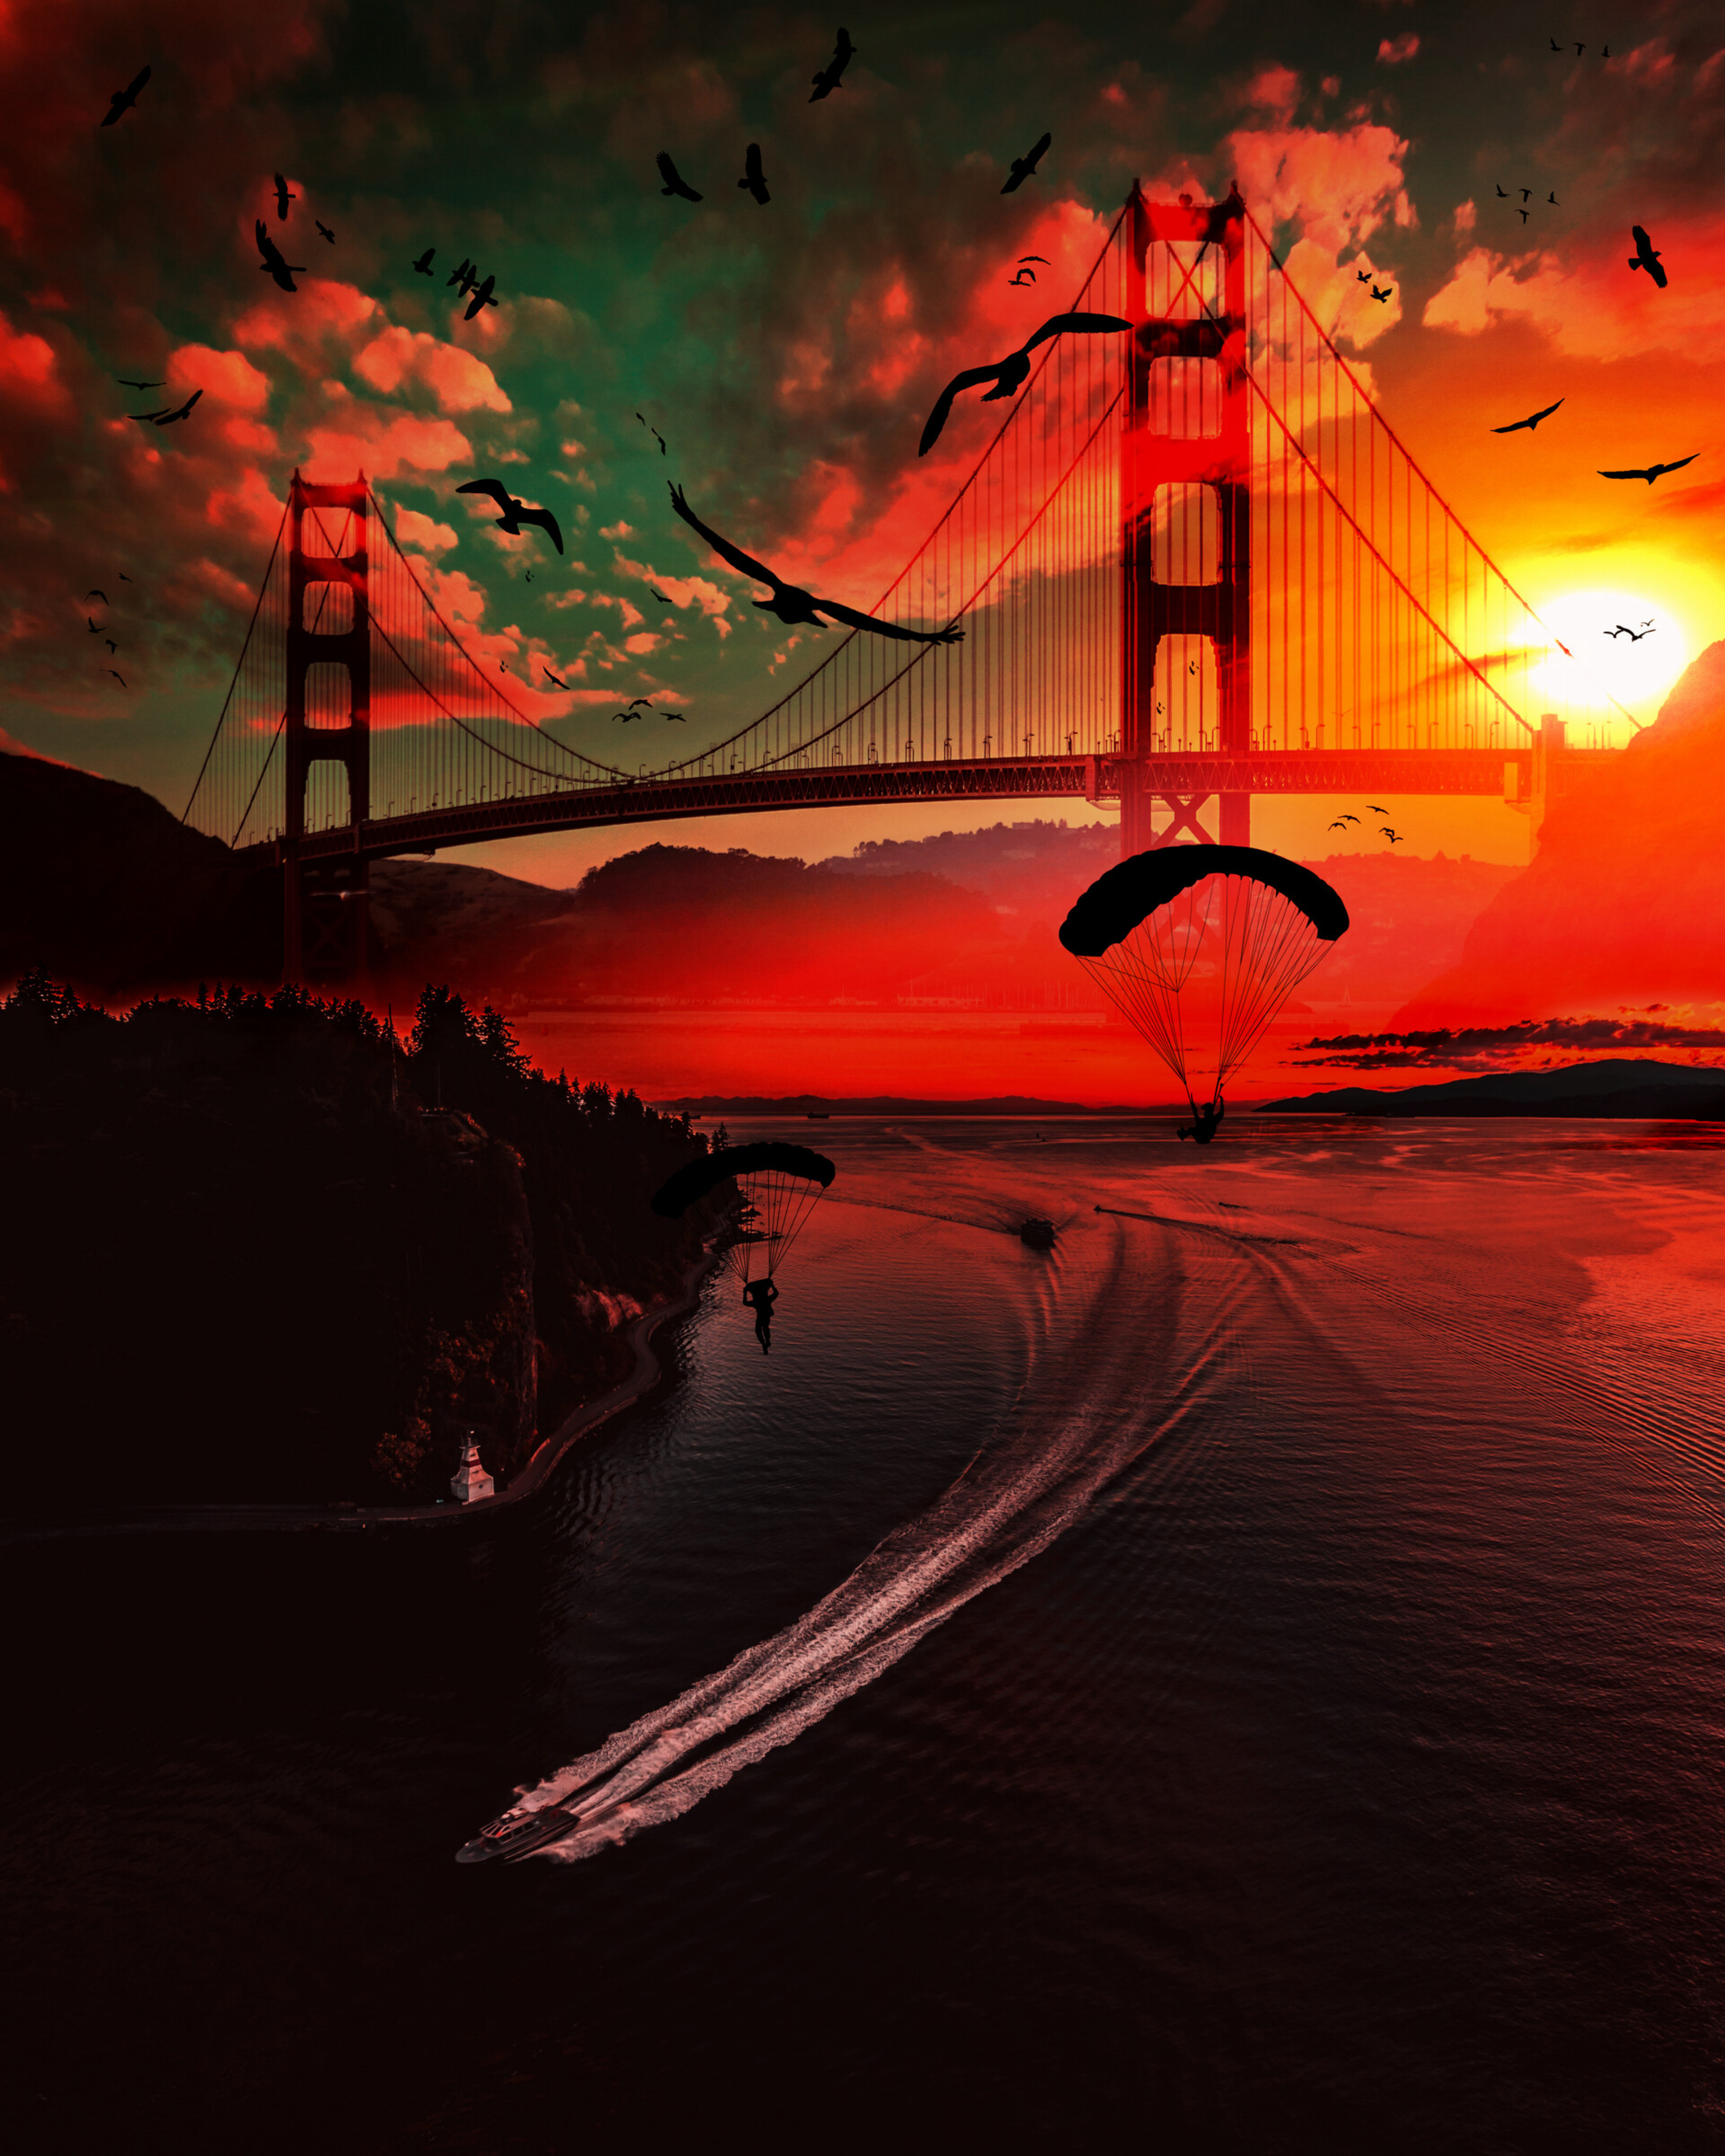 153292 Hintergrundbild herunterladen Vögel, Flüsse, Sunset, Boote, Dunkel, Brücke, Fallschirmspringer, Fallschirmjäger - Bildschirmschoner und Bilder kostenlos